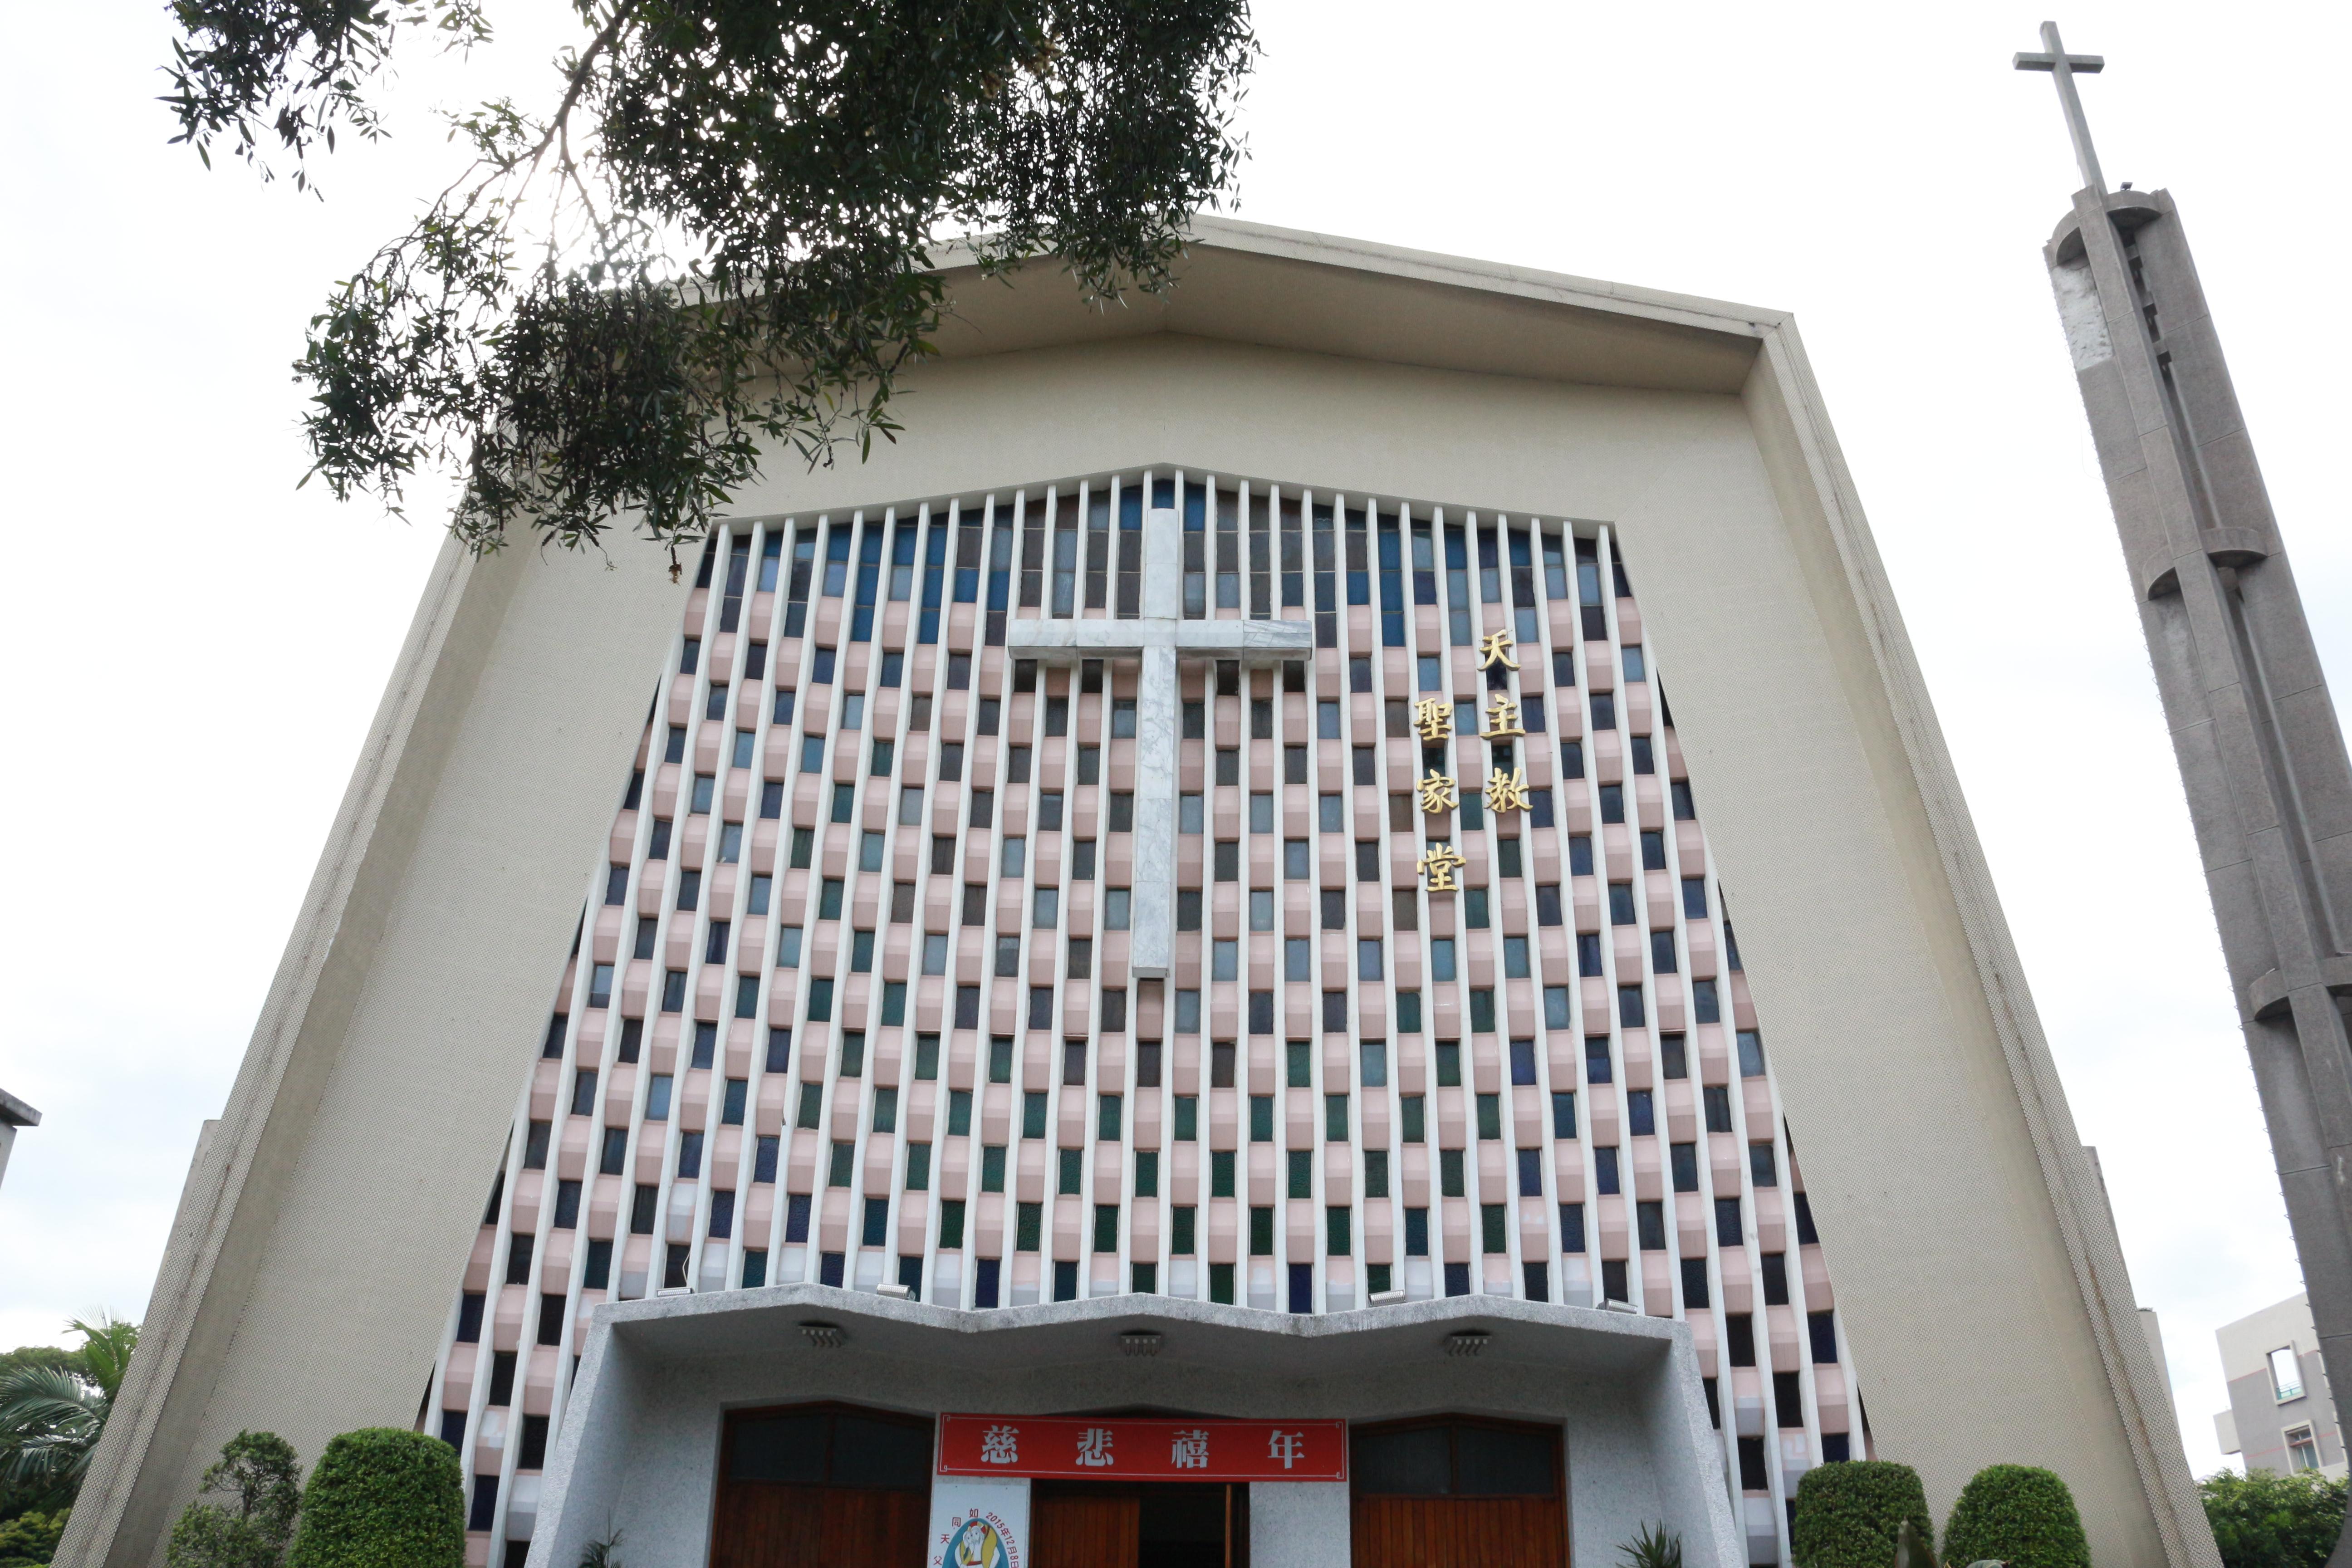 天主教台北聖家堂是台北許多天主教徒的聚會場所。攝影/莊立誠